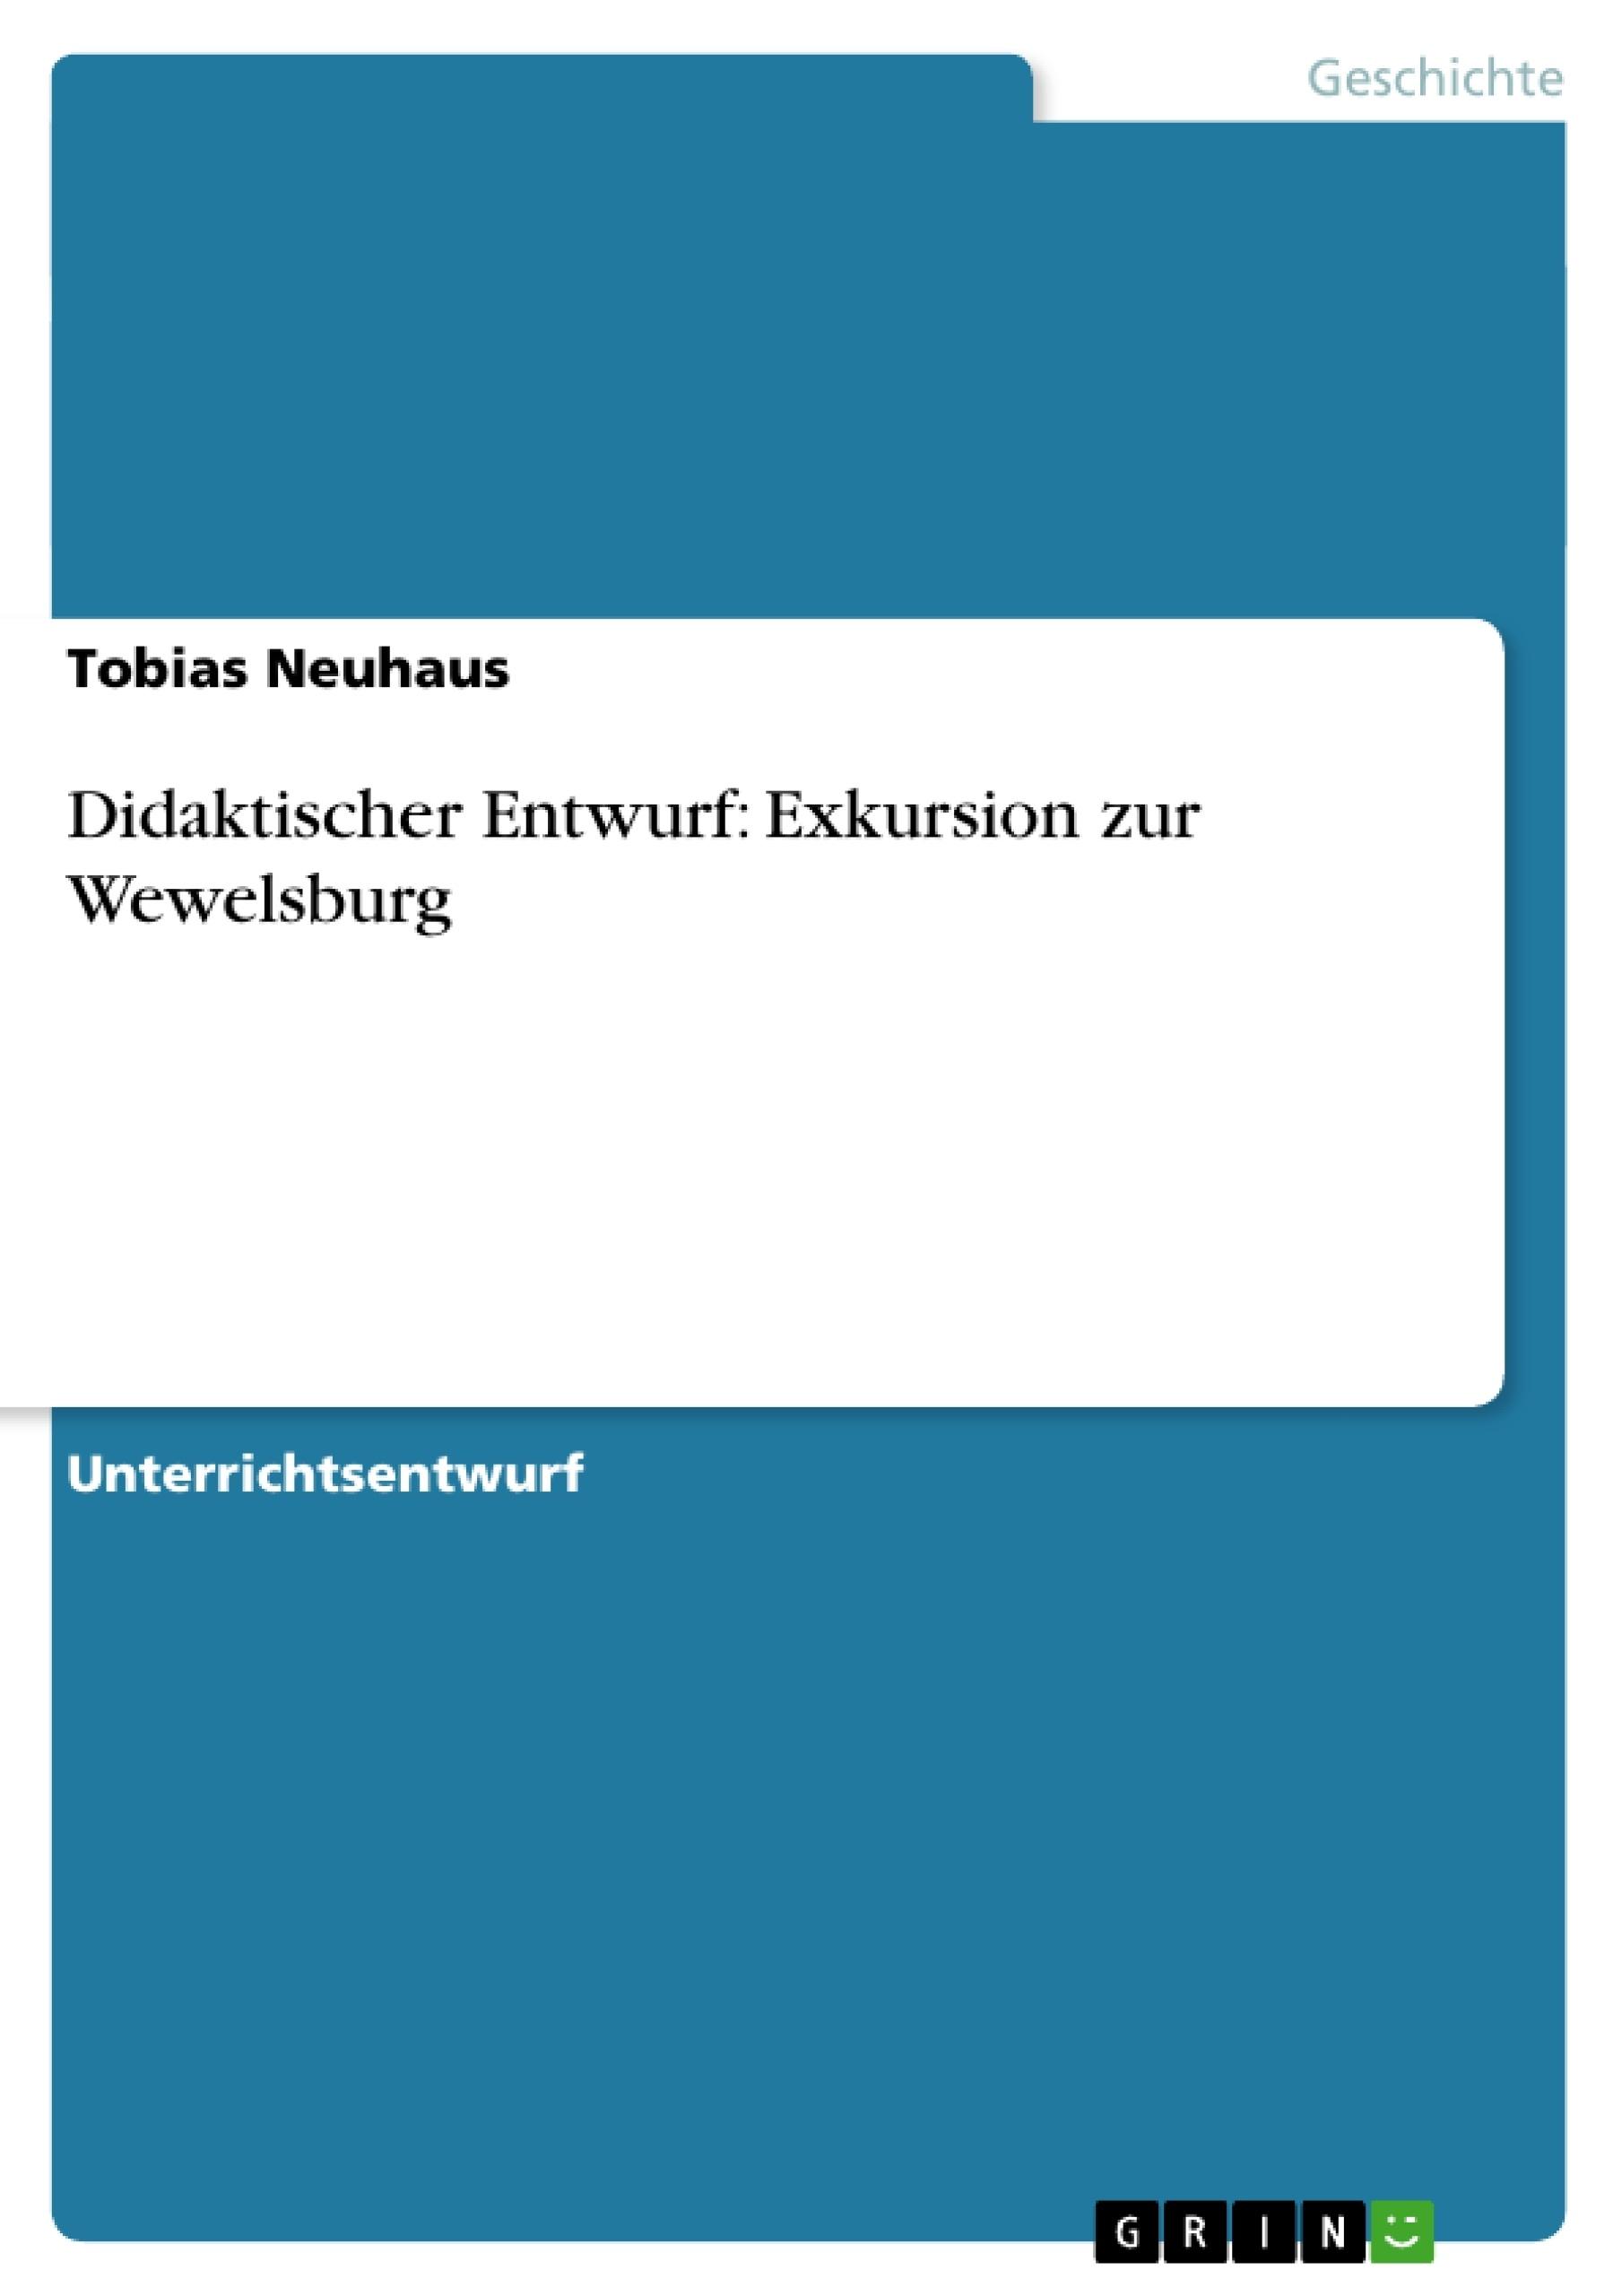 Titel: Didaktischer Entwurf: Exkursion zur Wewelsburg